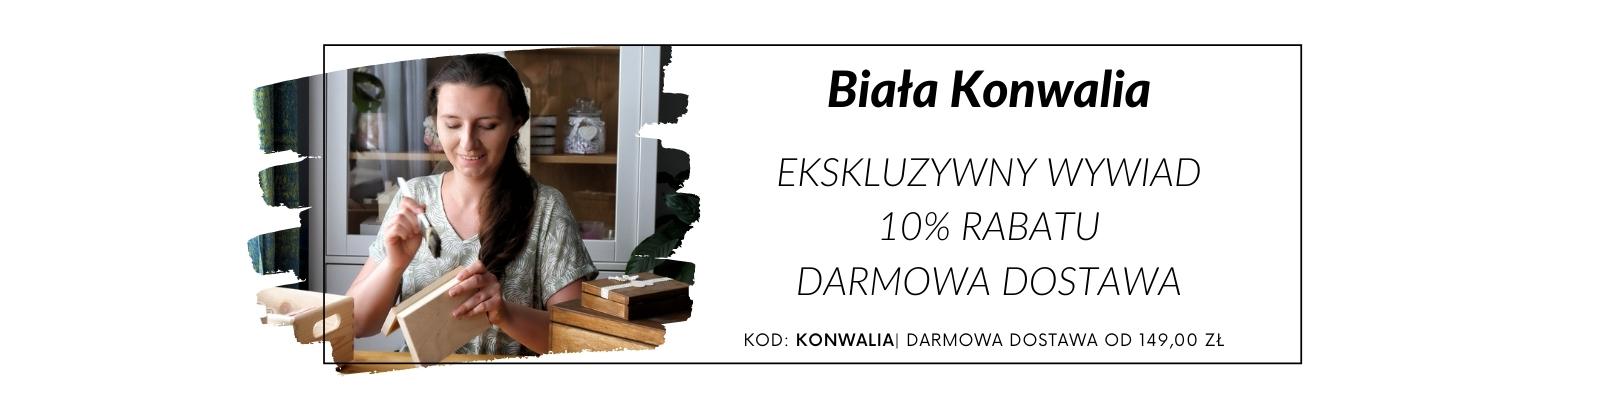 Biała Konwalia - wywiad, promocja i darmowa dostawa!